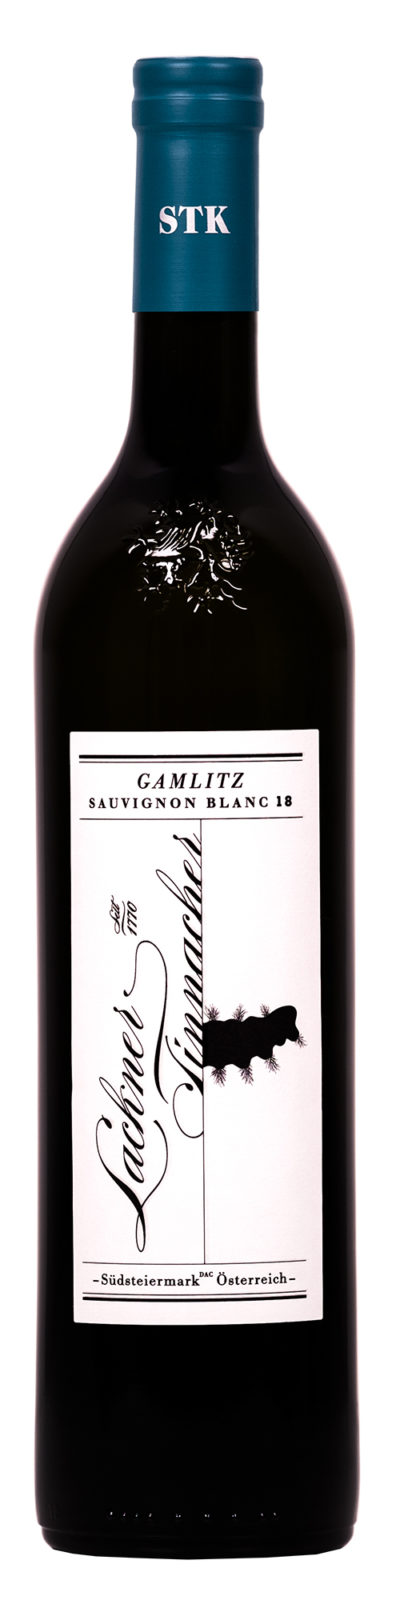 Gamlitz Sauvignon Blanc